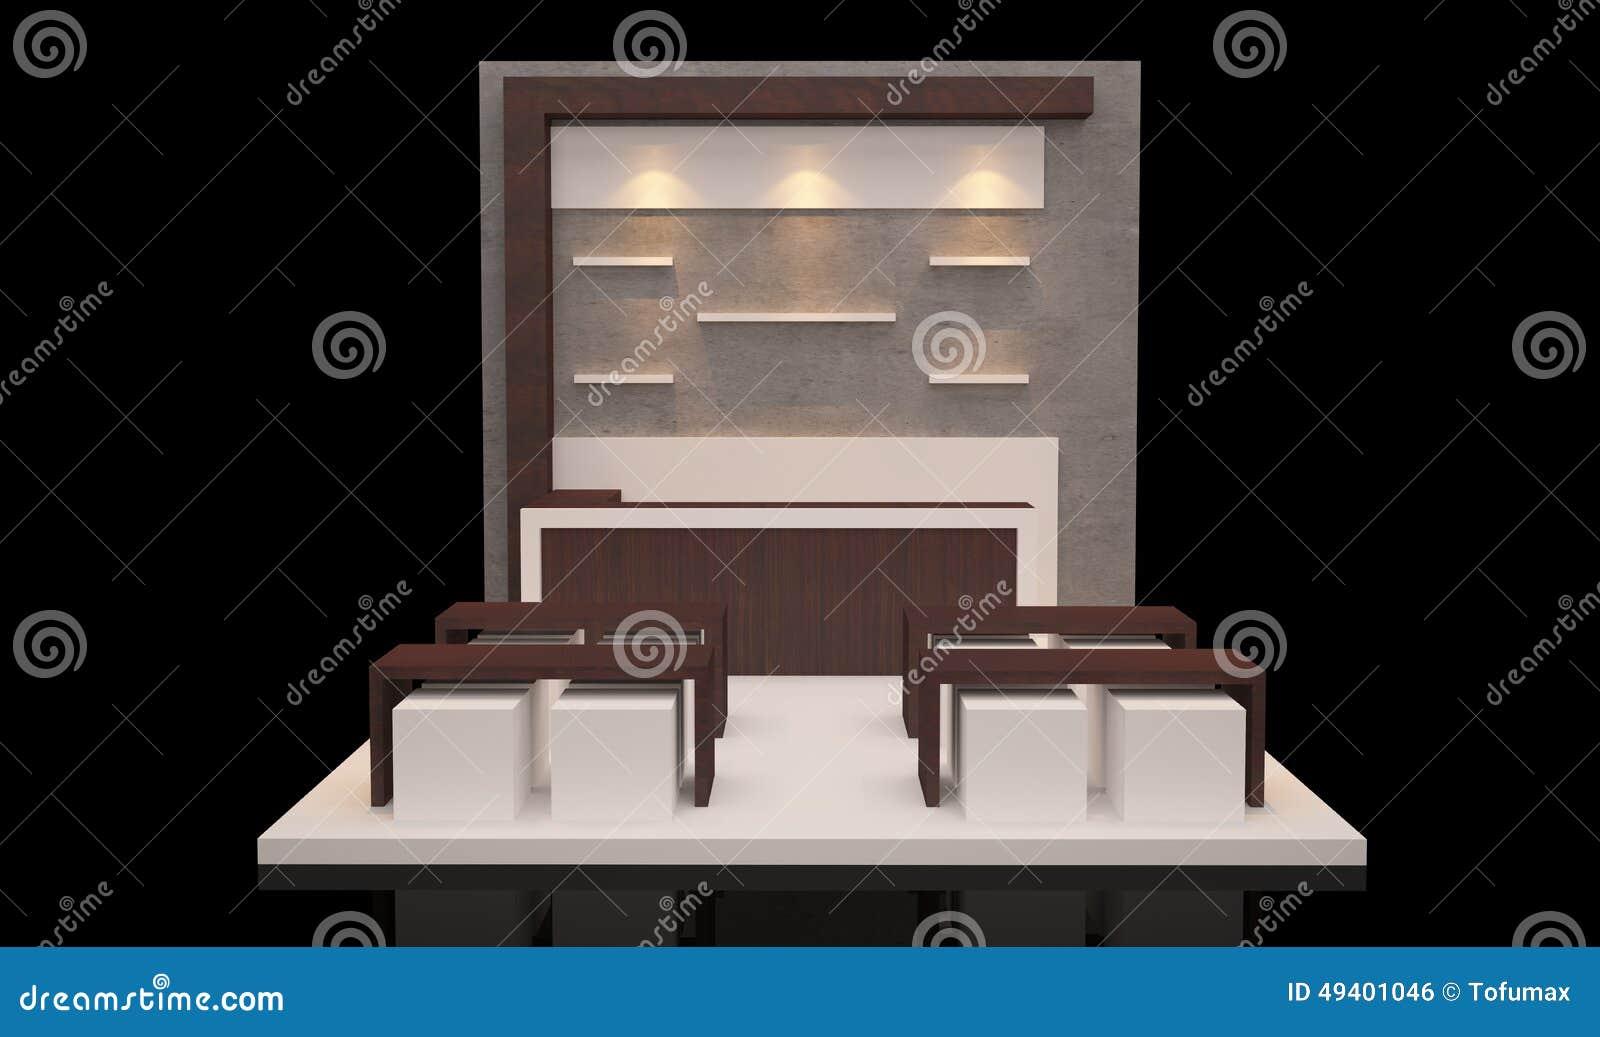 Download Standausstellung stock abbildung. Illustration von förderung - 49401046